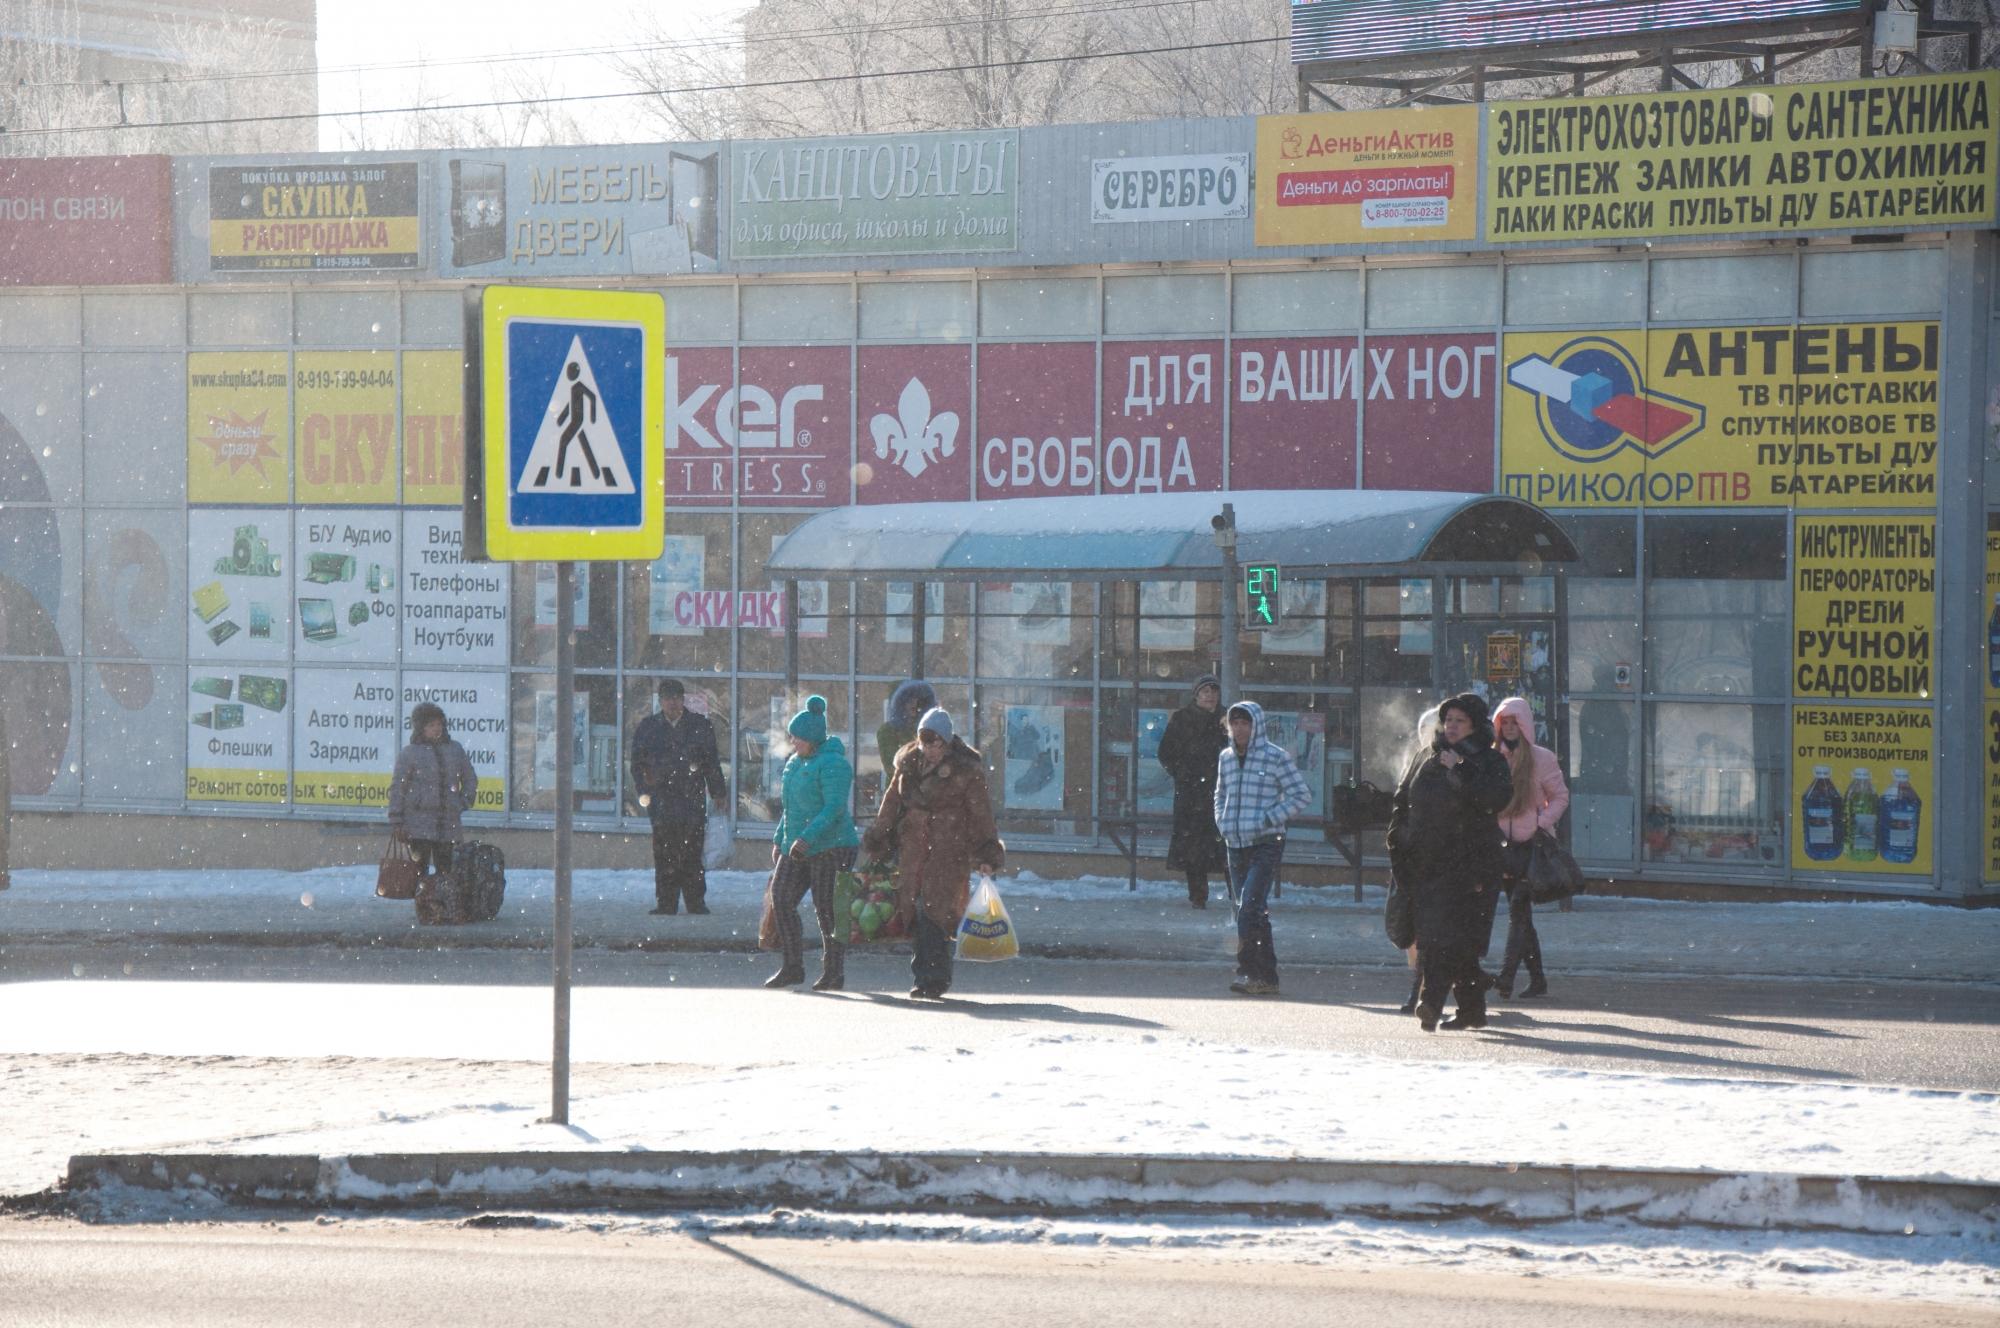 ВВолгограде на кабинет экспресс-кредитования напал 35-летний селянин